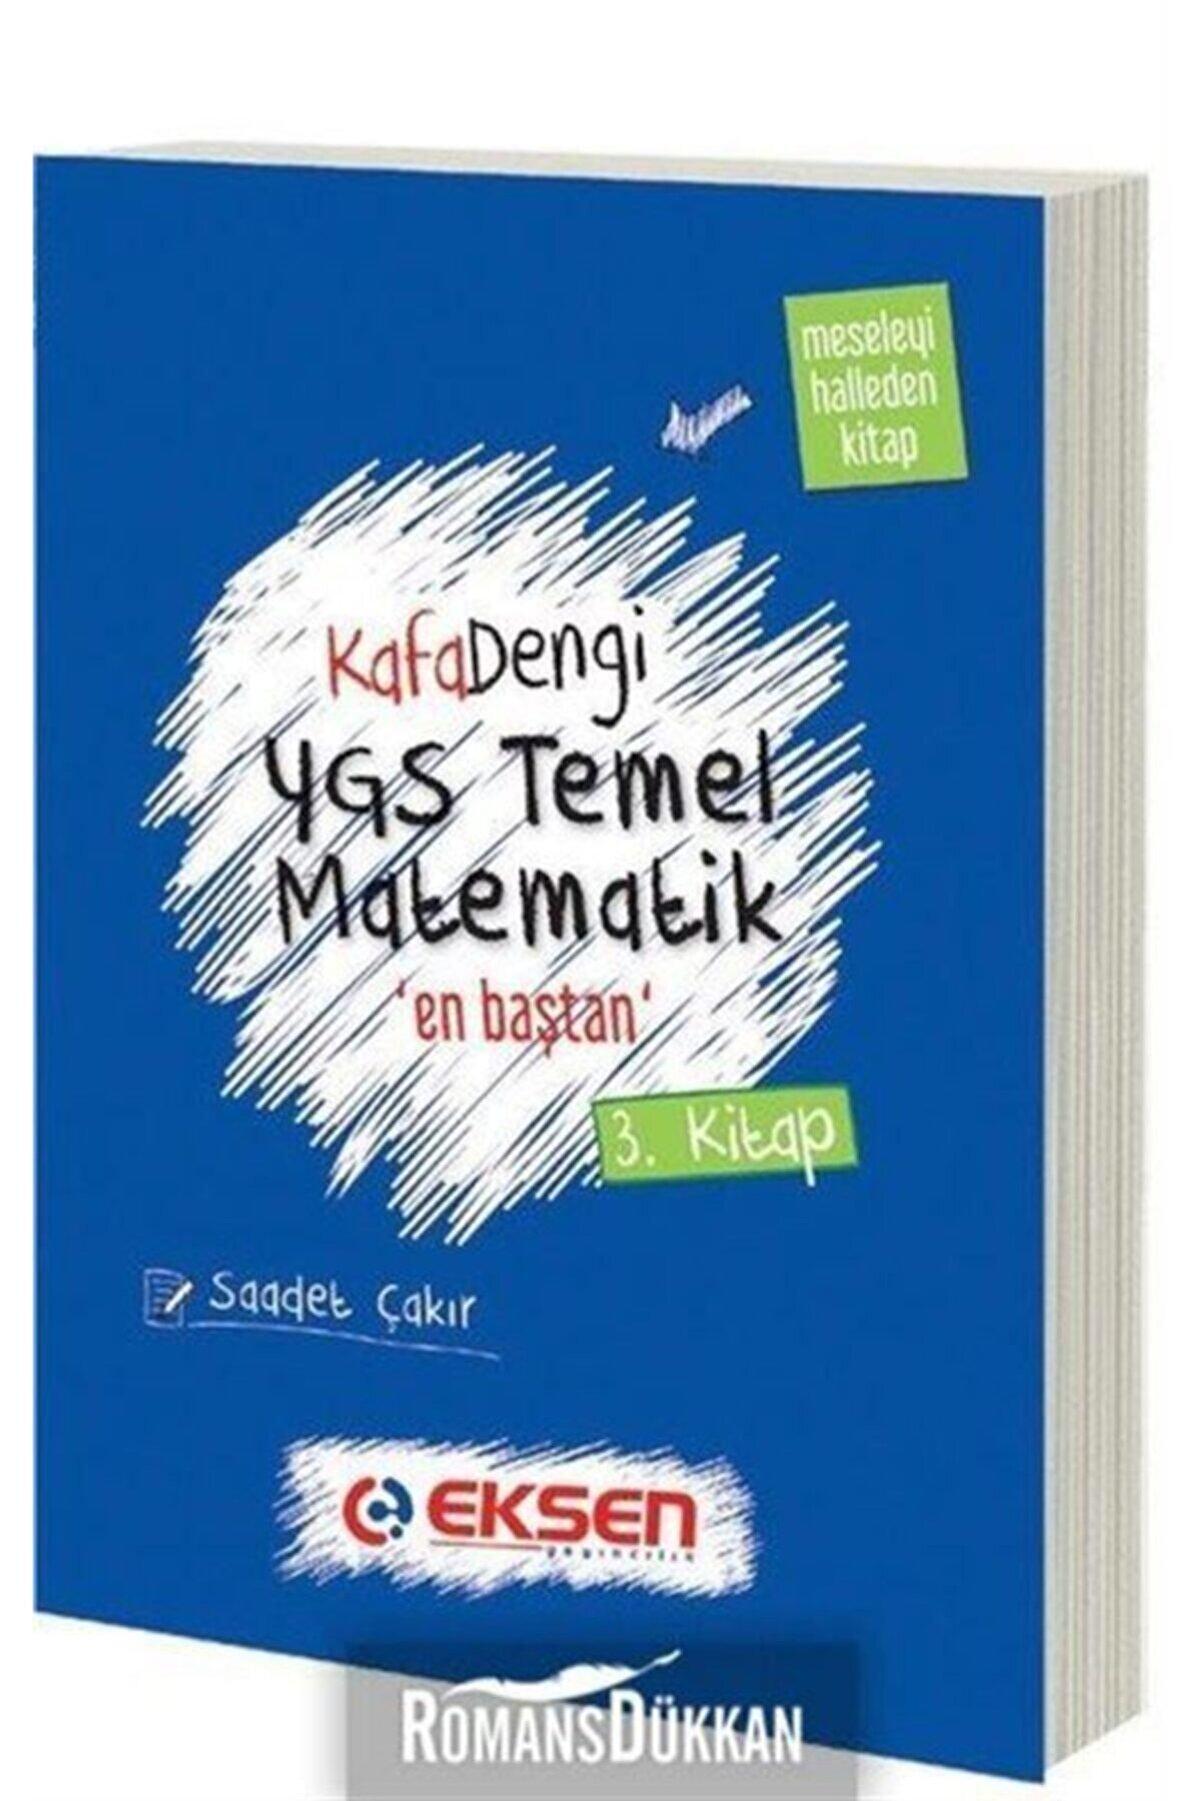 Eksen Yayınları Ygs Temel Matematik En Baştan Serisi 3. Kitap Kolay Düzey Özet Anlatım